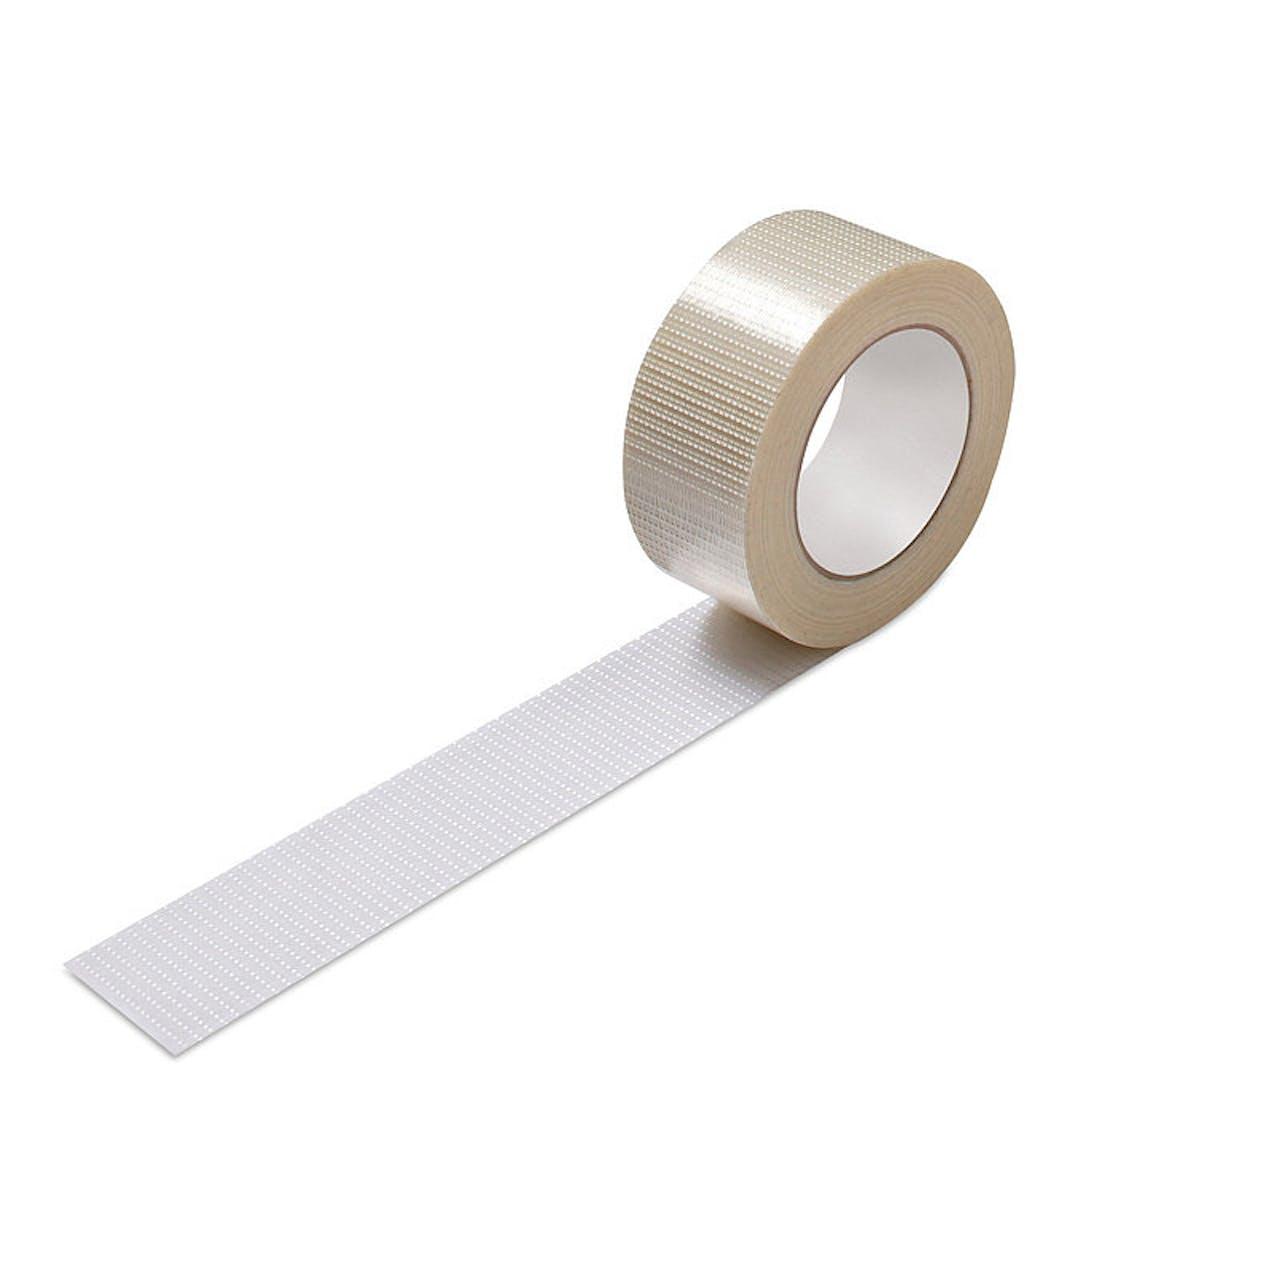 Filamentband, extrastark